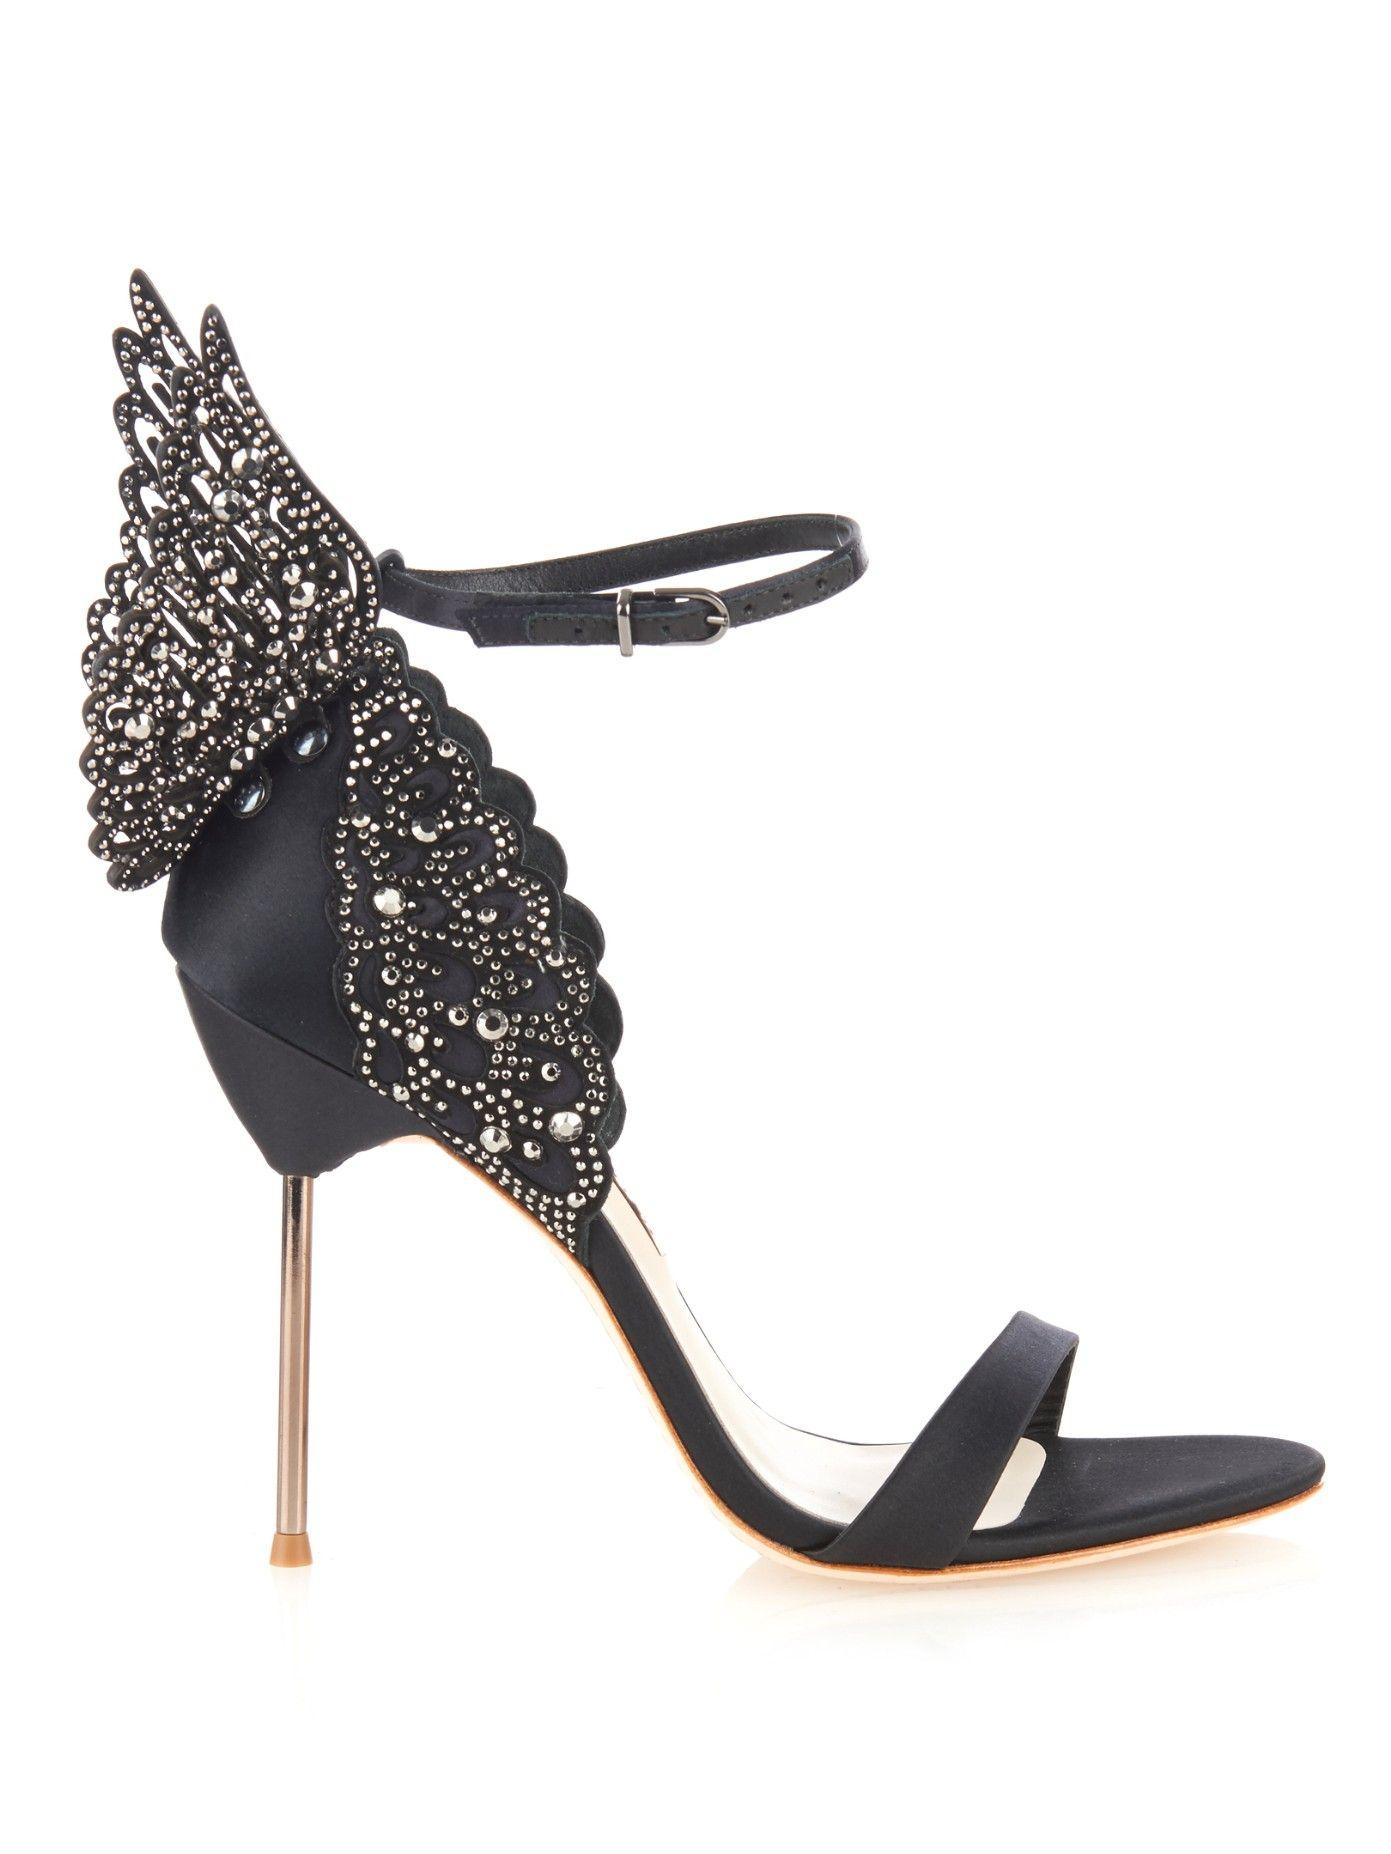 Pumps & High Heels for Women On Sale, Black, satin, 2017, 4 Sophia Webster